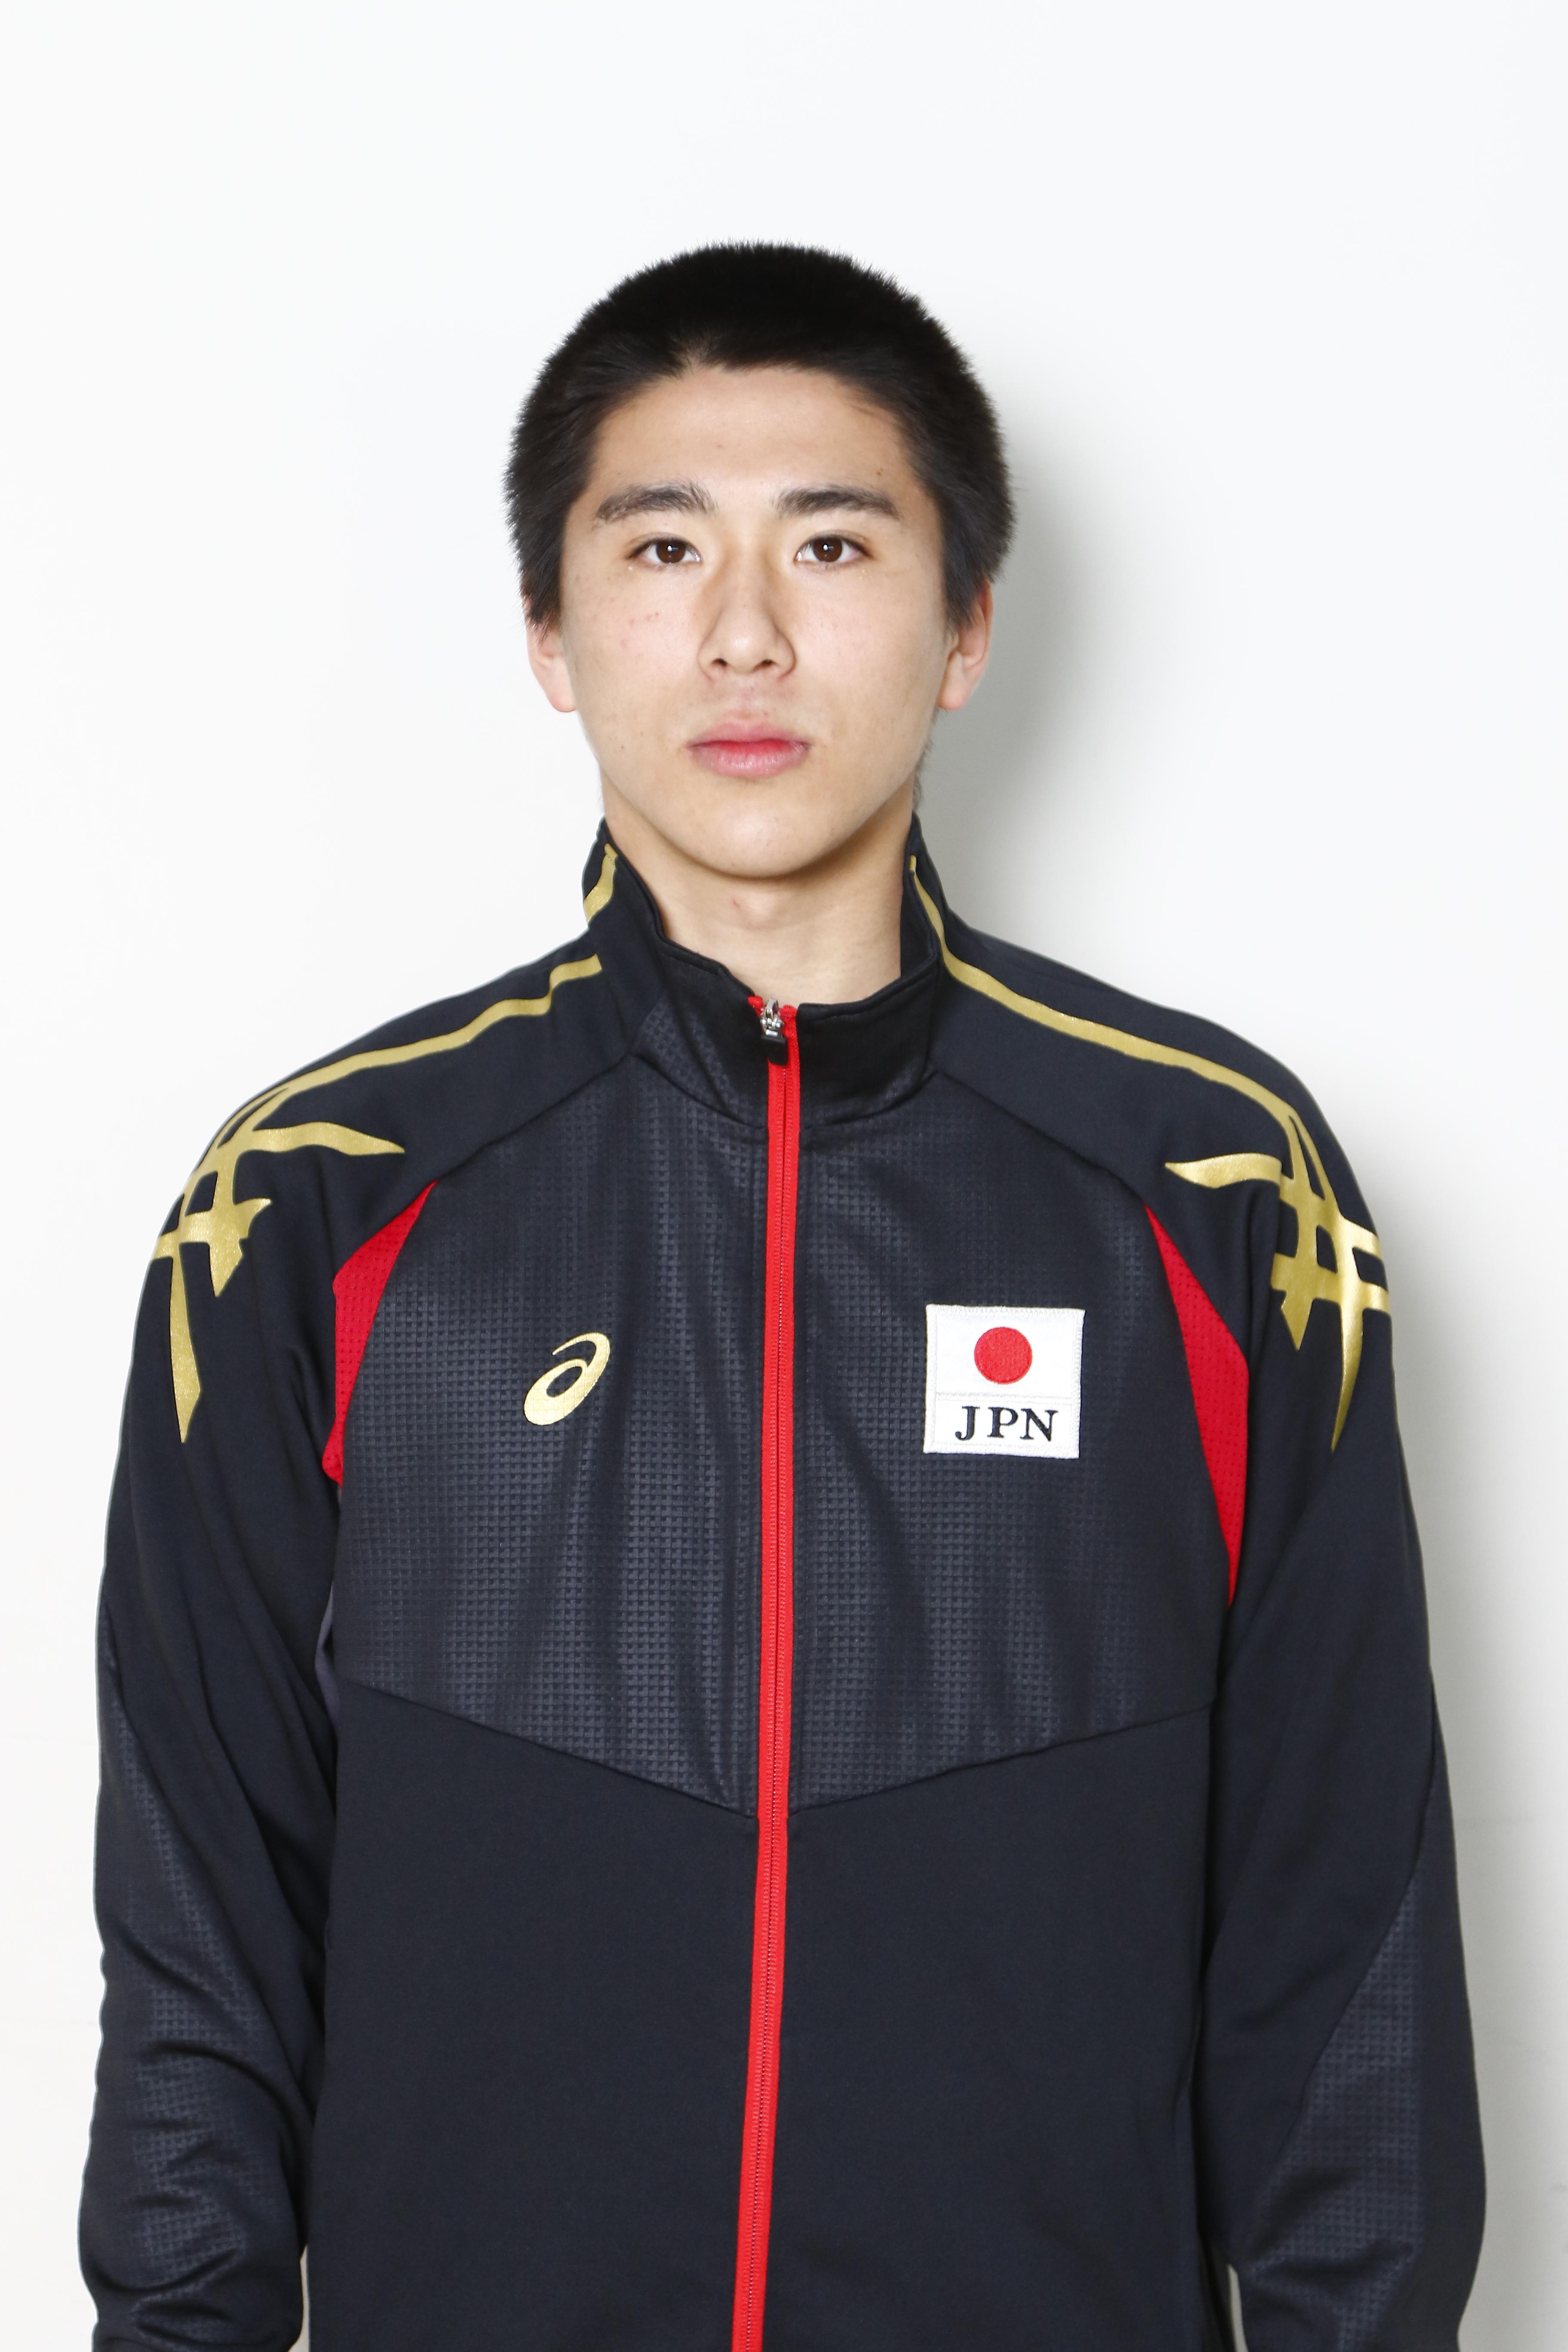 Kenta Ichikawa